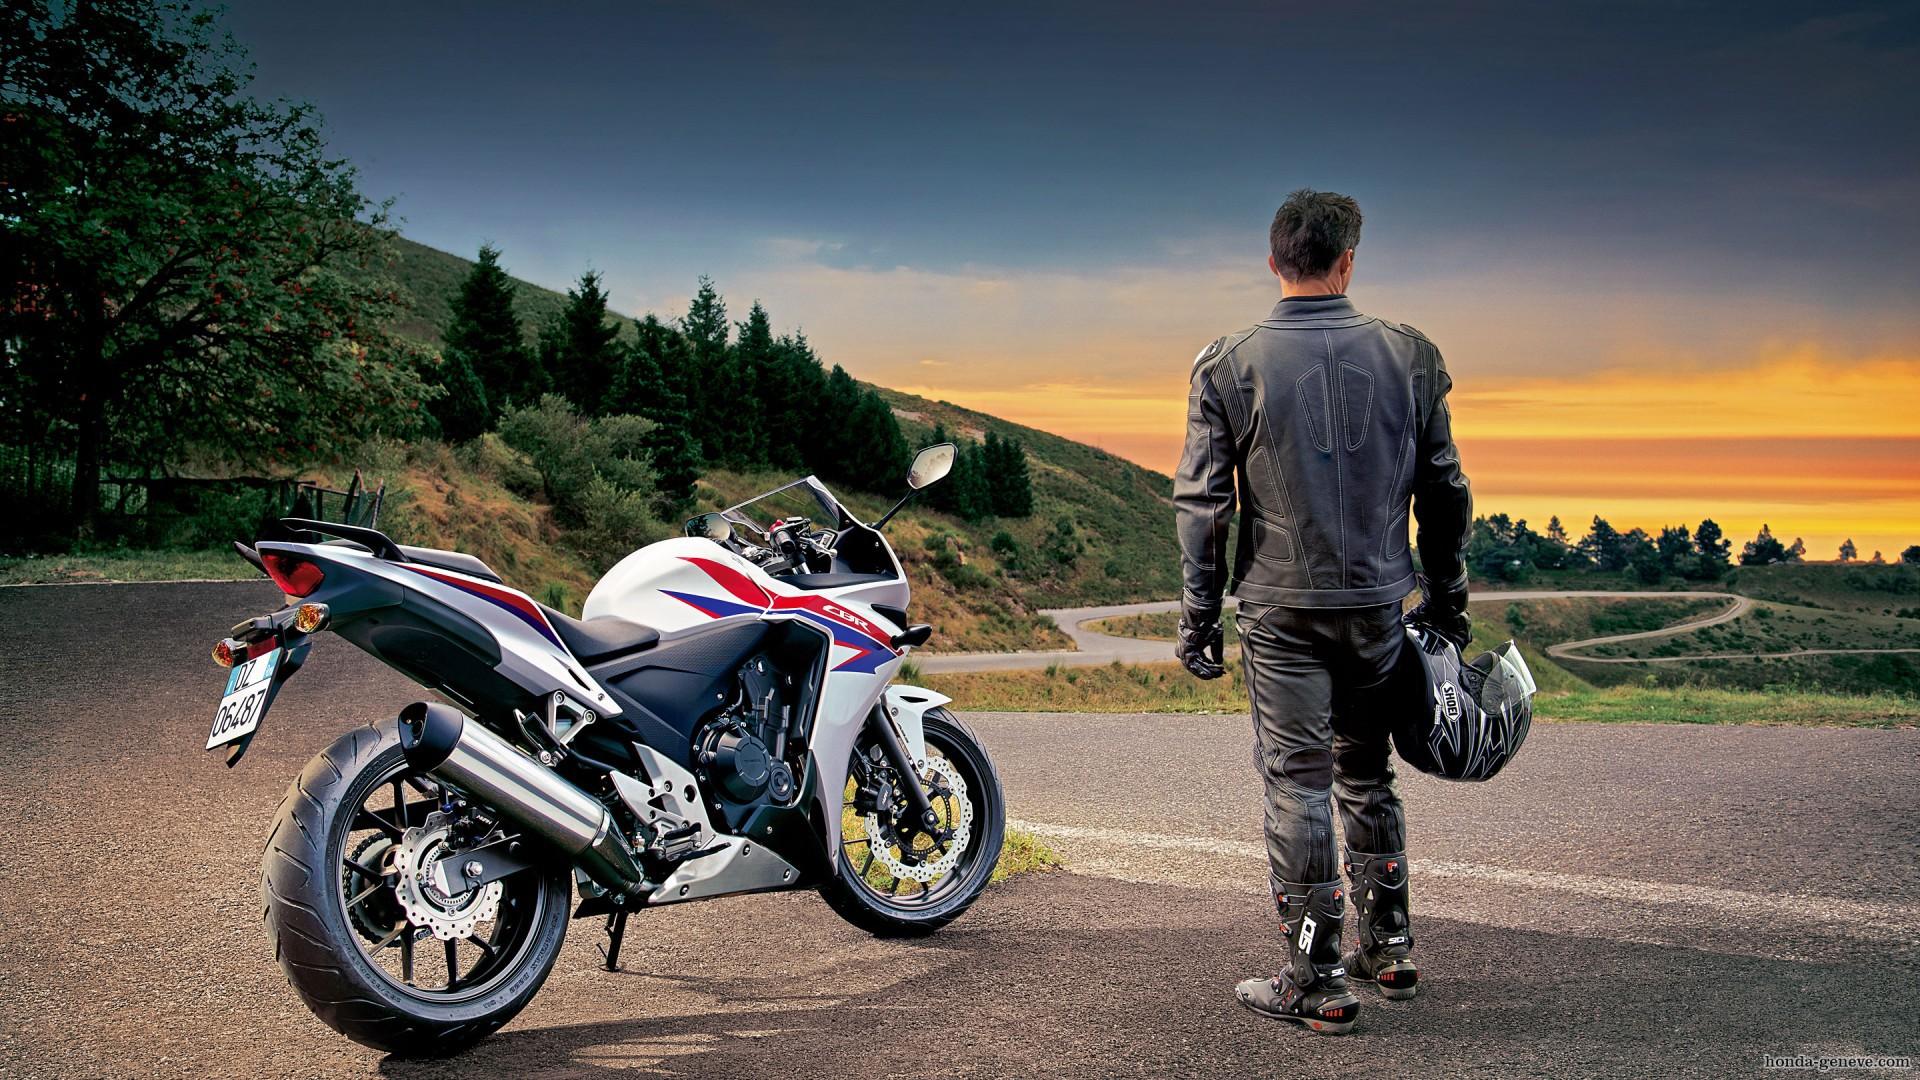 garanti-bbva-motosiklet-almak-isteyenlere-destek-sagliyor